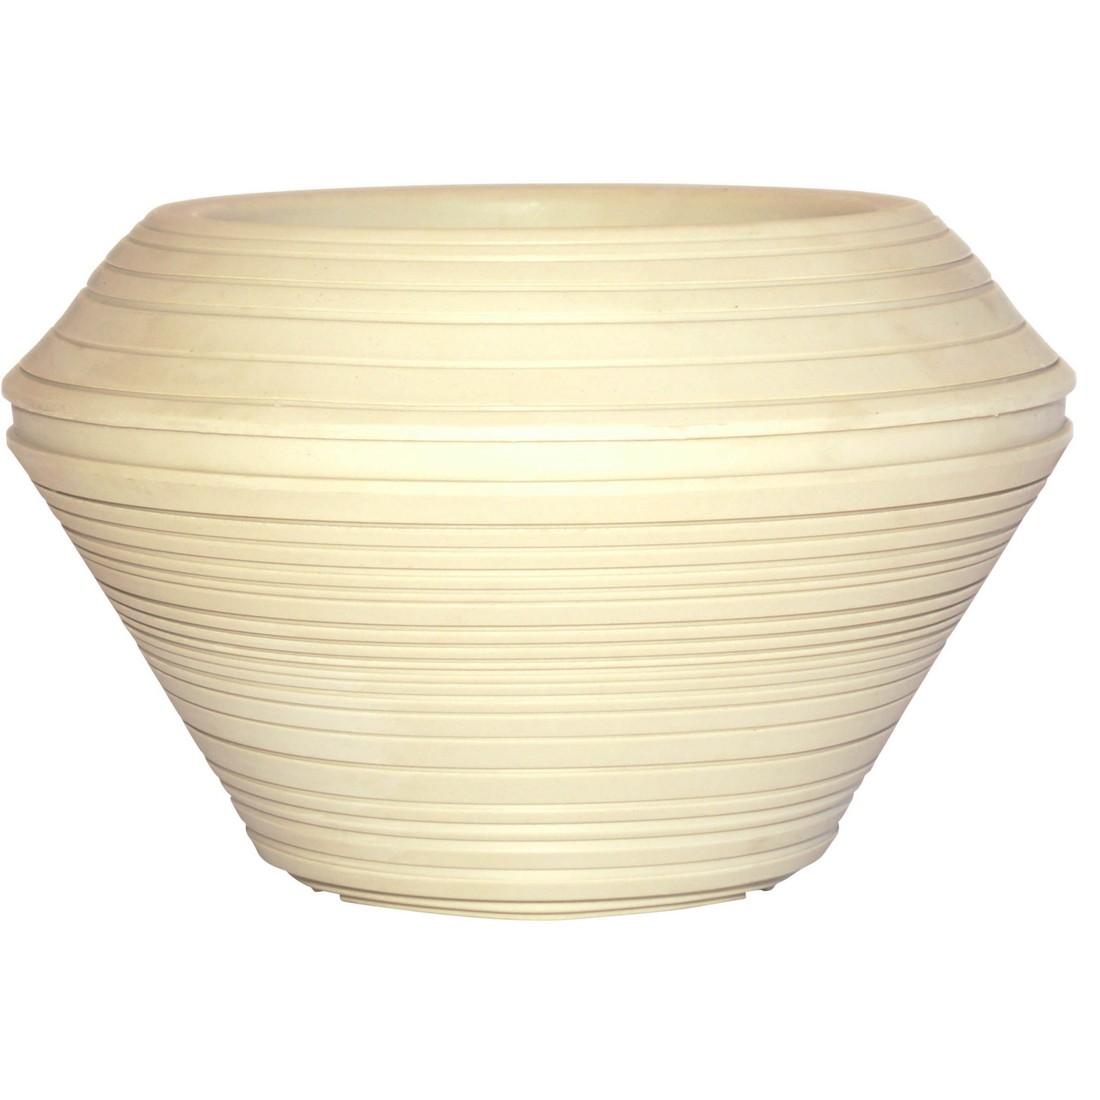 Pflanzkübel Weathered Stone – Kunststoff – Daniel Round, Cresent Garden günstig kaufen